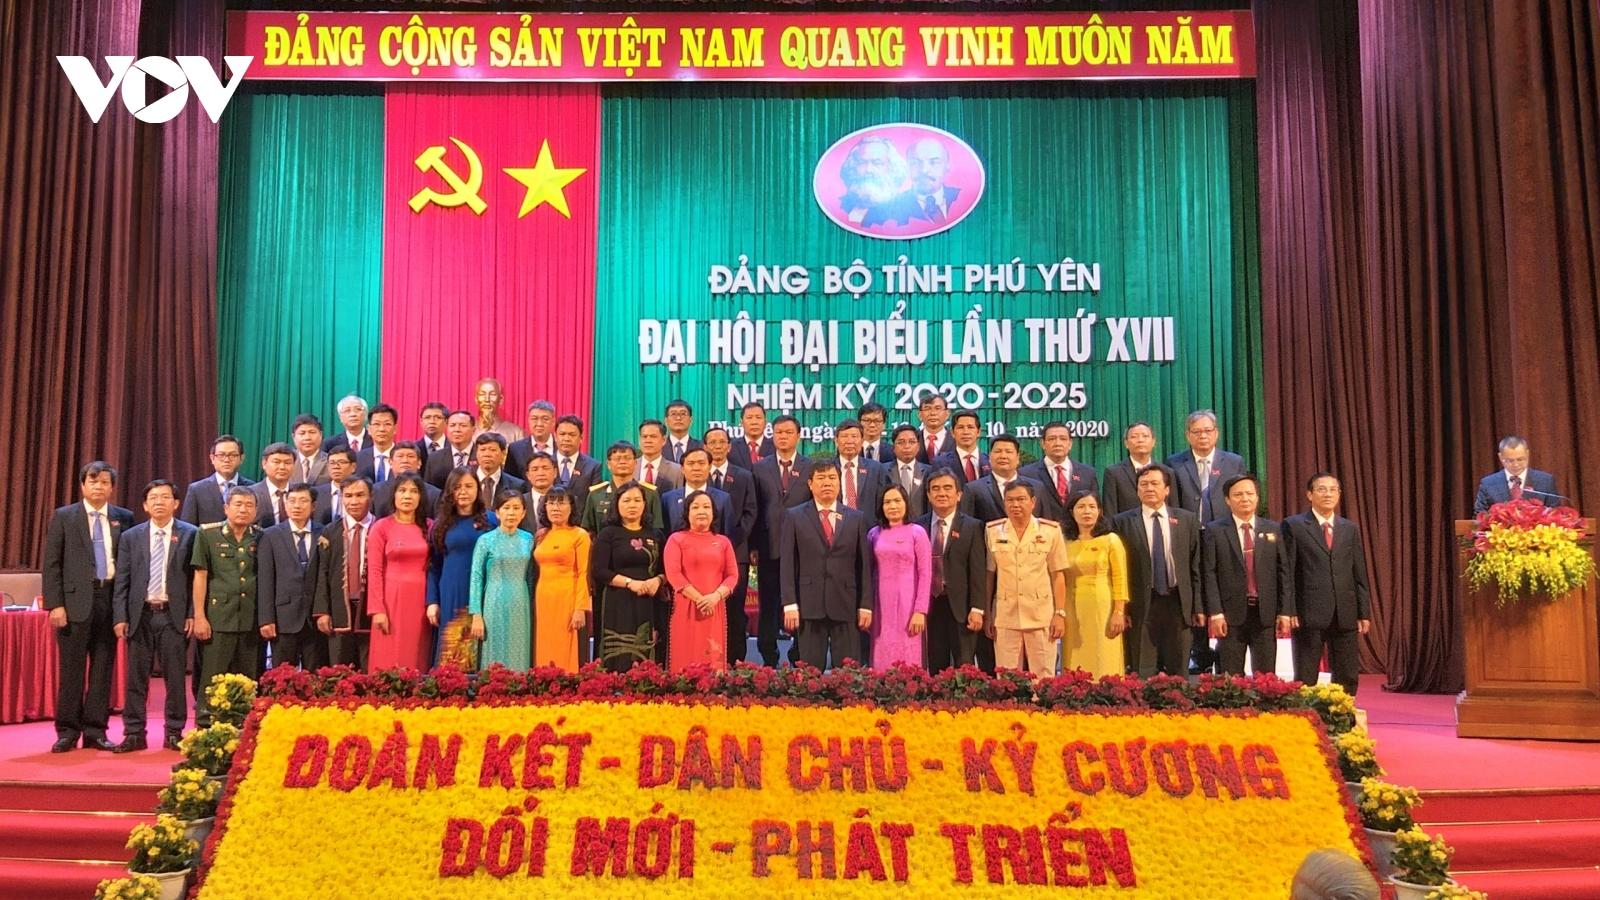 Bế mạc Đại hội Đảng bộ tỉnh Phú Yên: Hướng tới phú cường và yên bình